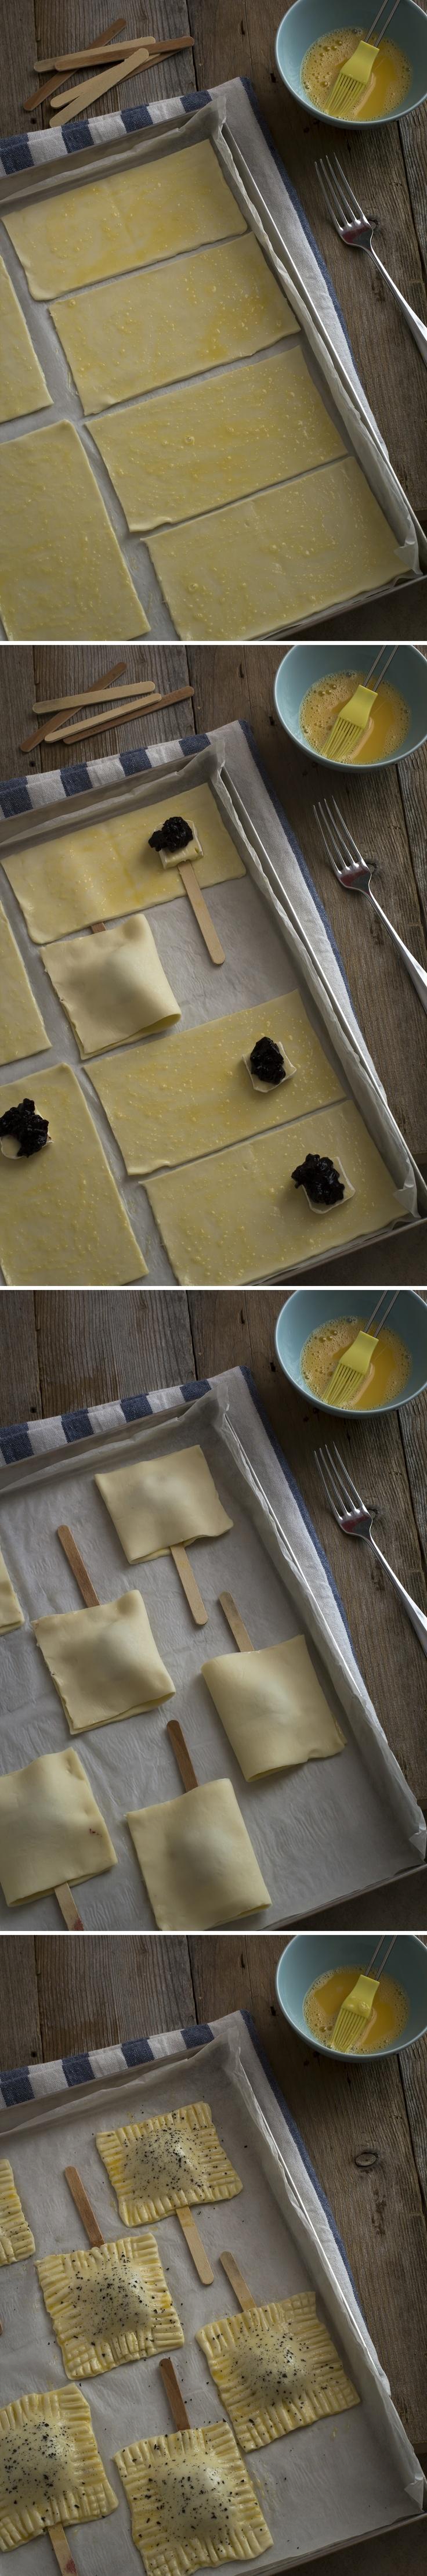 Fagottini di pasta sfoglia ripieni di Brie e marmellata di mirtilli.  - Easy and delicious baked Brie bites